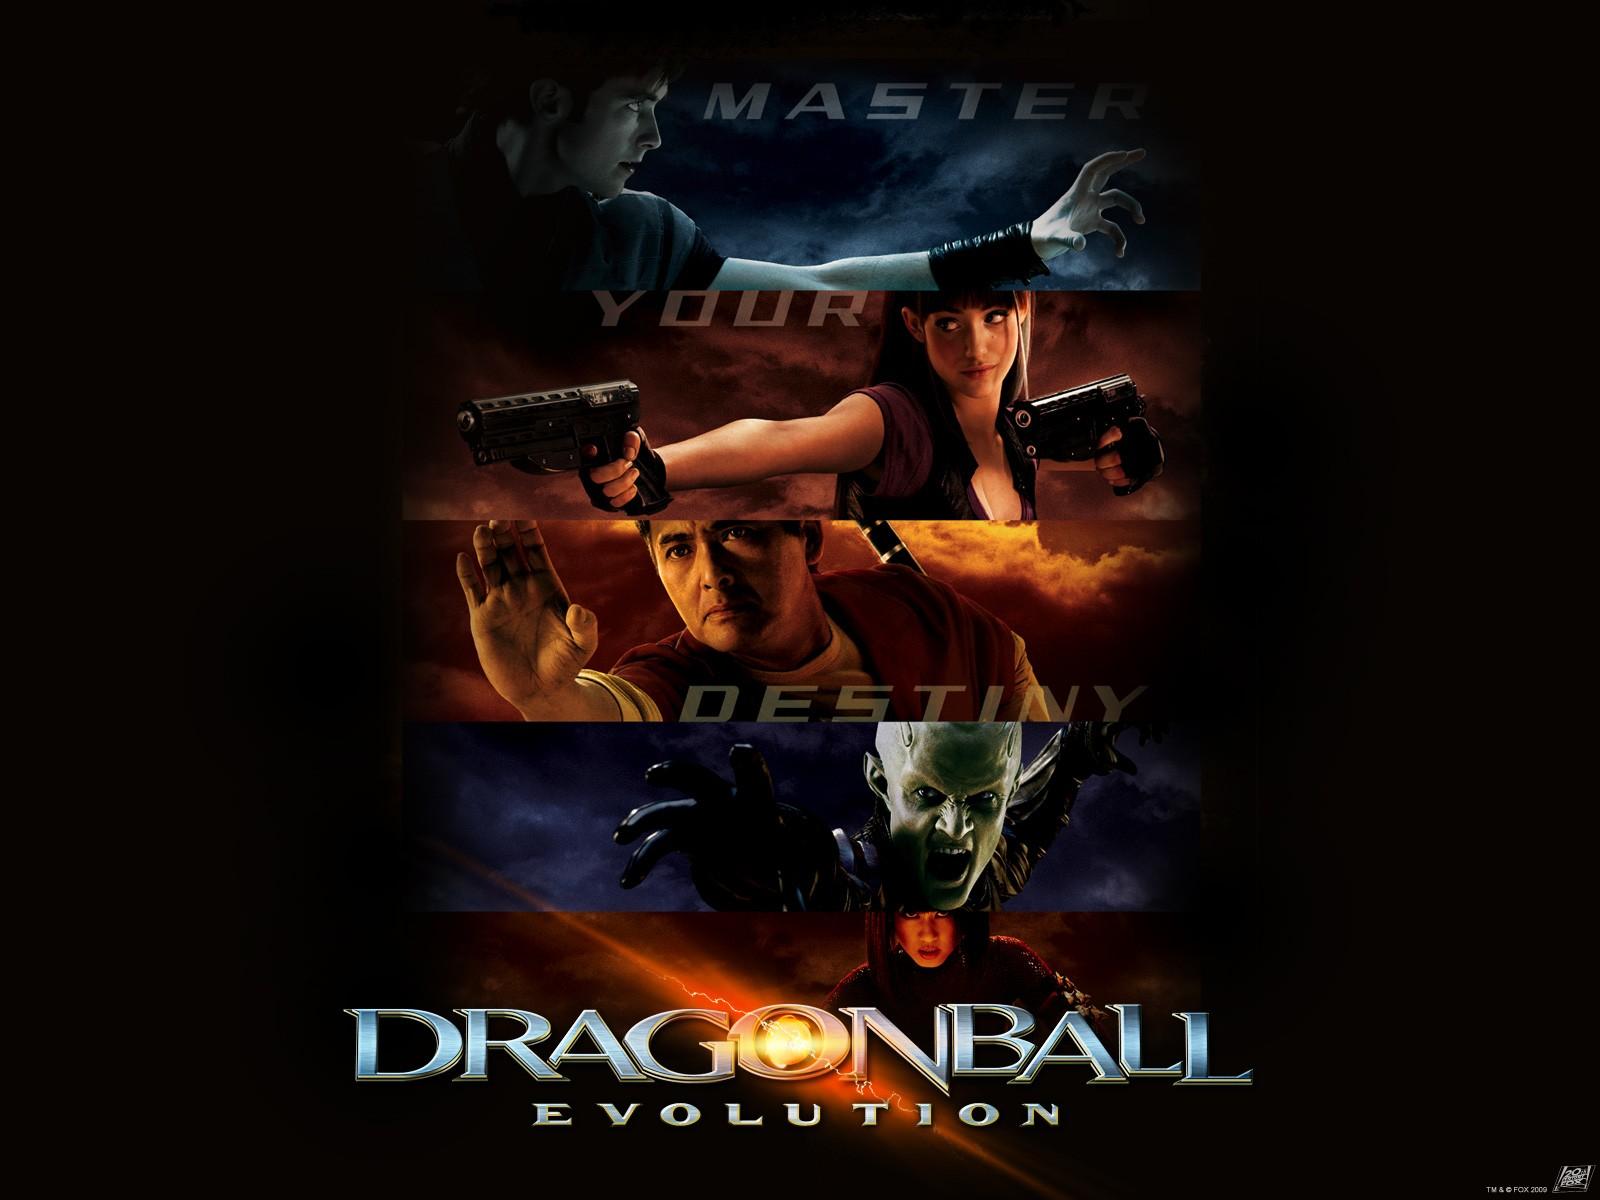 Un wallpaper del film Dragonball